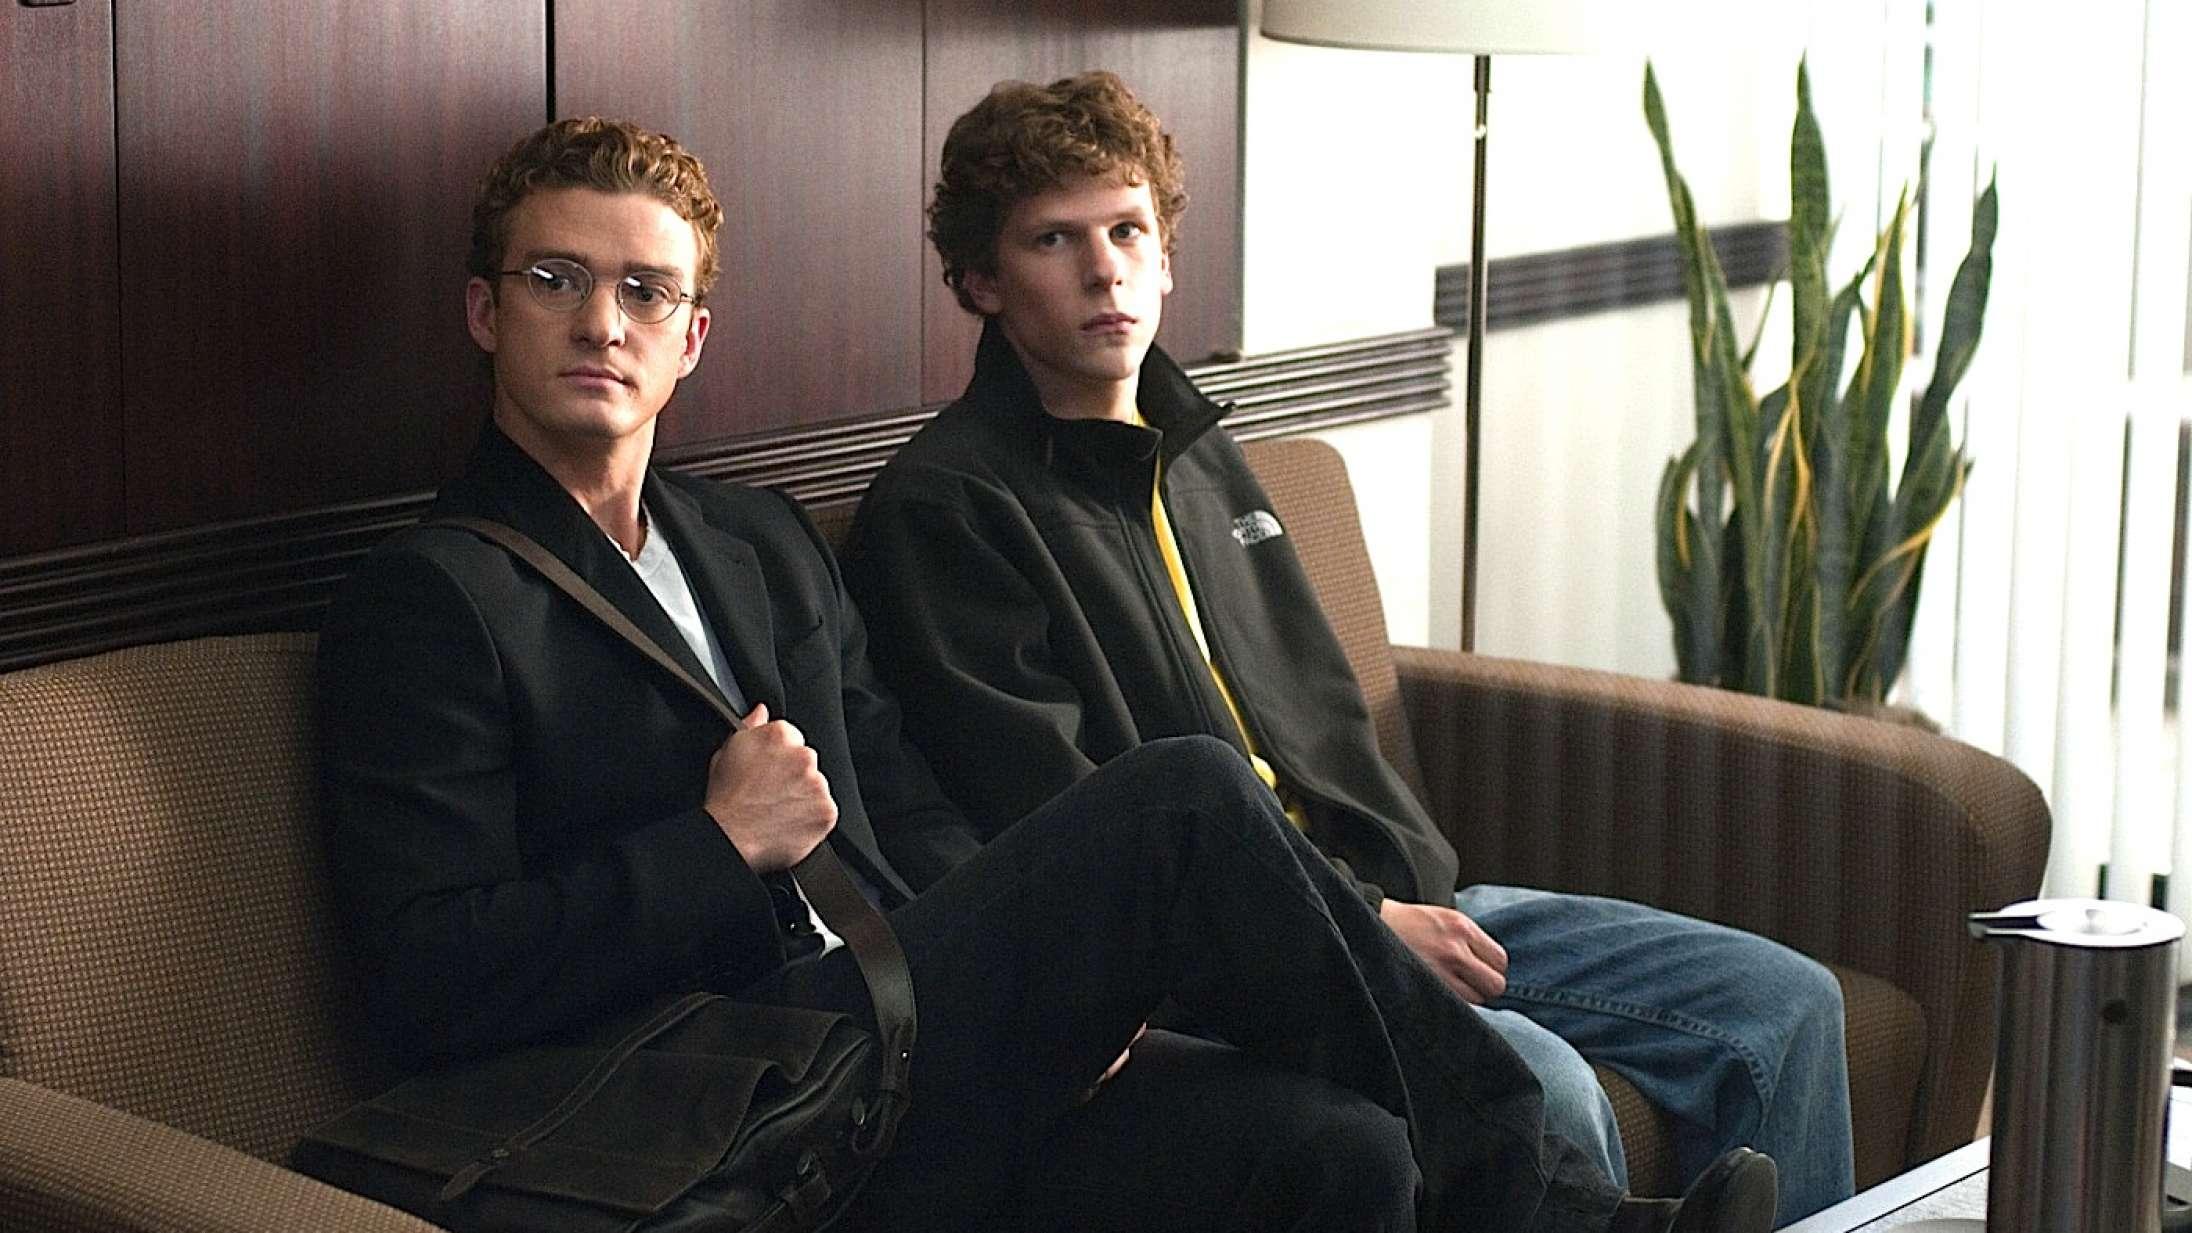 Quentin Tarantino udråber 'The Social Network' til bedste film fra 10'erne: »Den knuser alle konkurrenter«